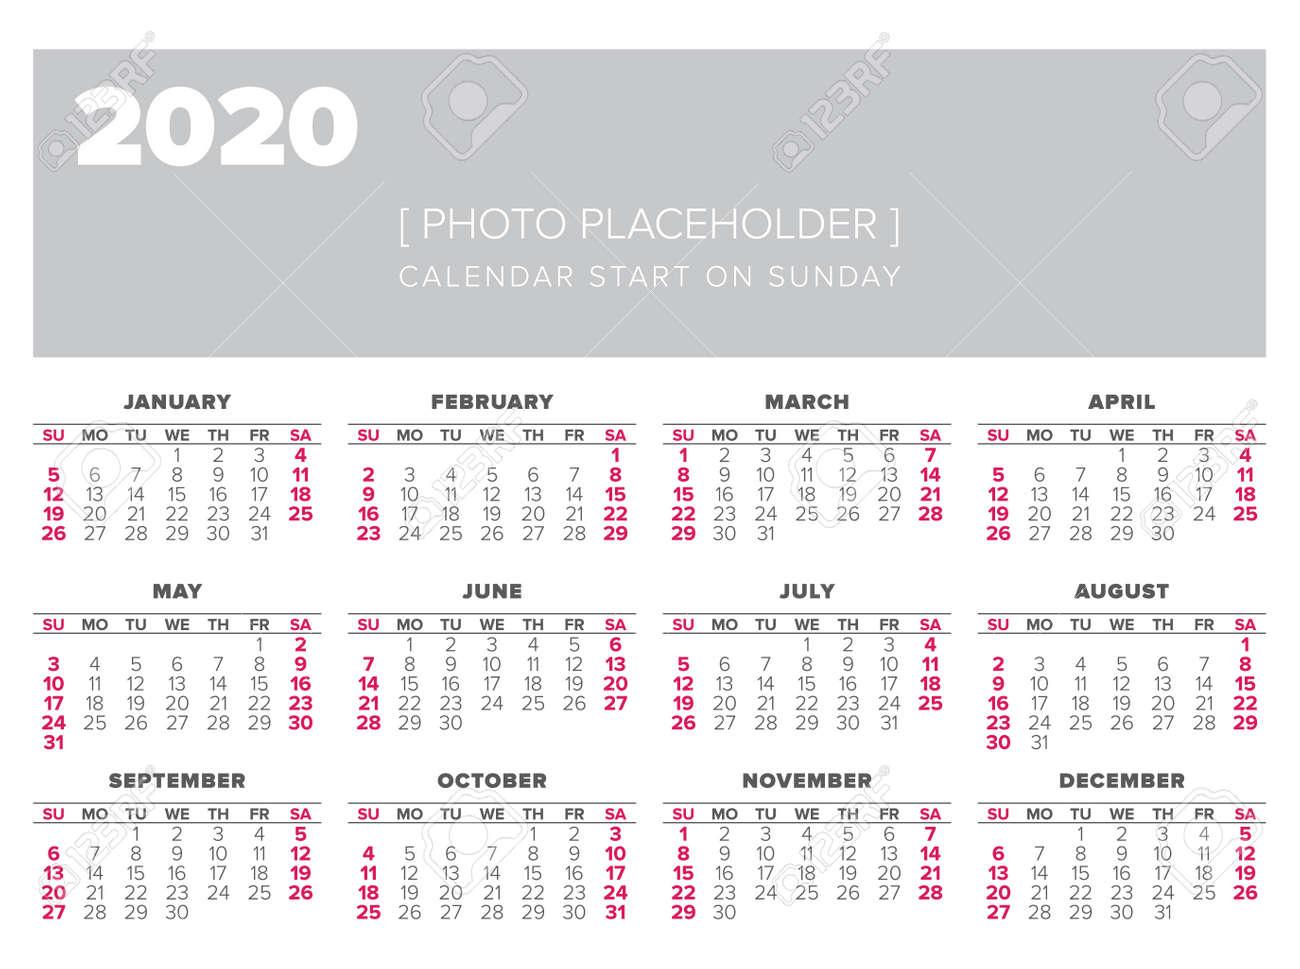 Calendario Del Ano 2020 En Espanol.Plantilla De Diseno De Vector Ano 2020 Calendario Comience El Domingo